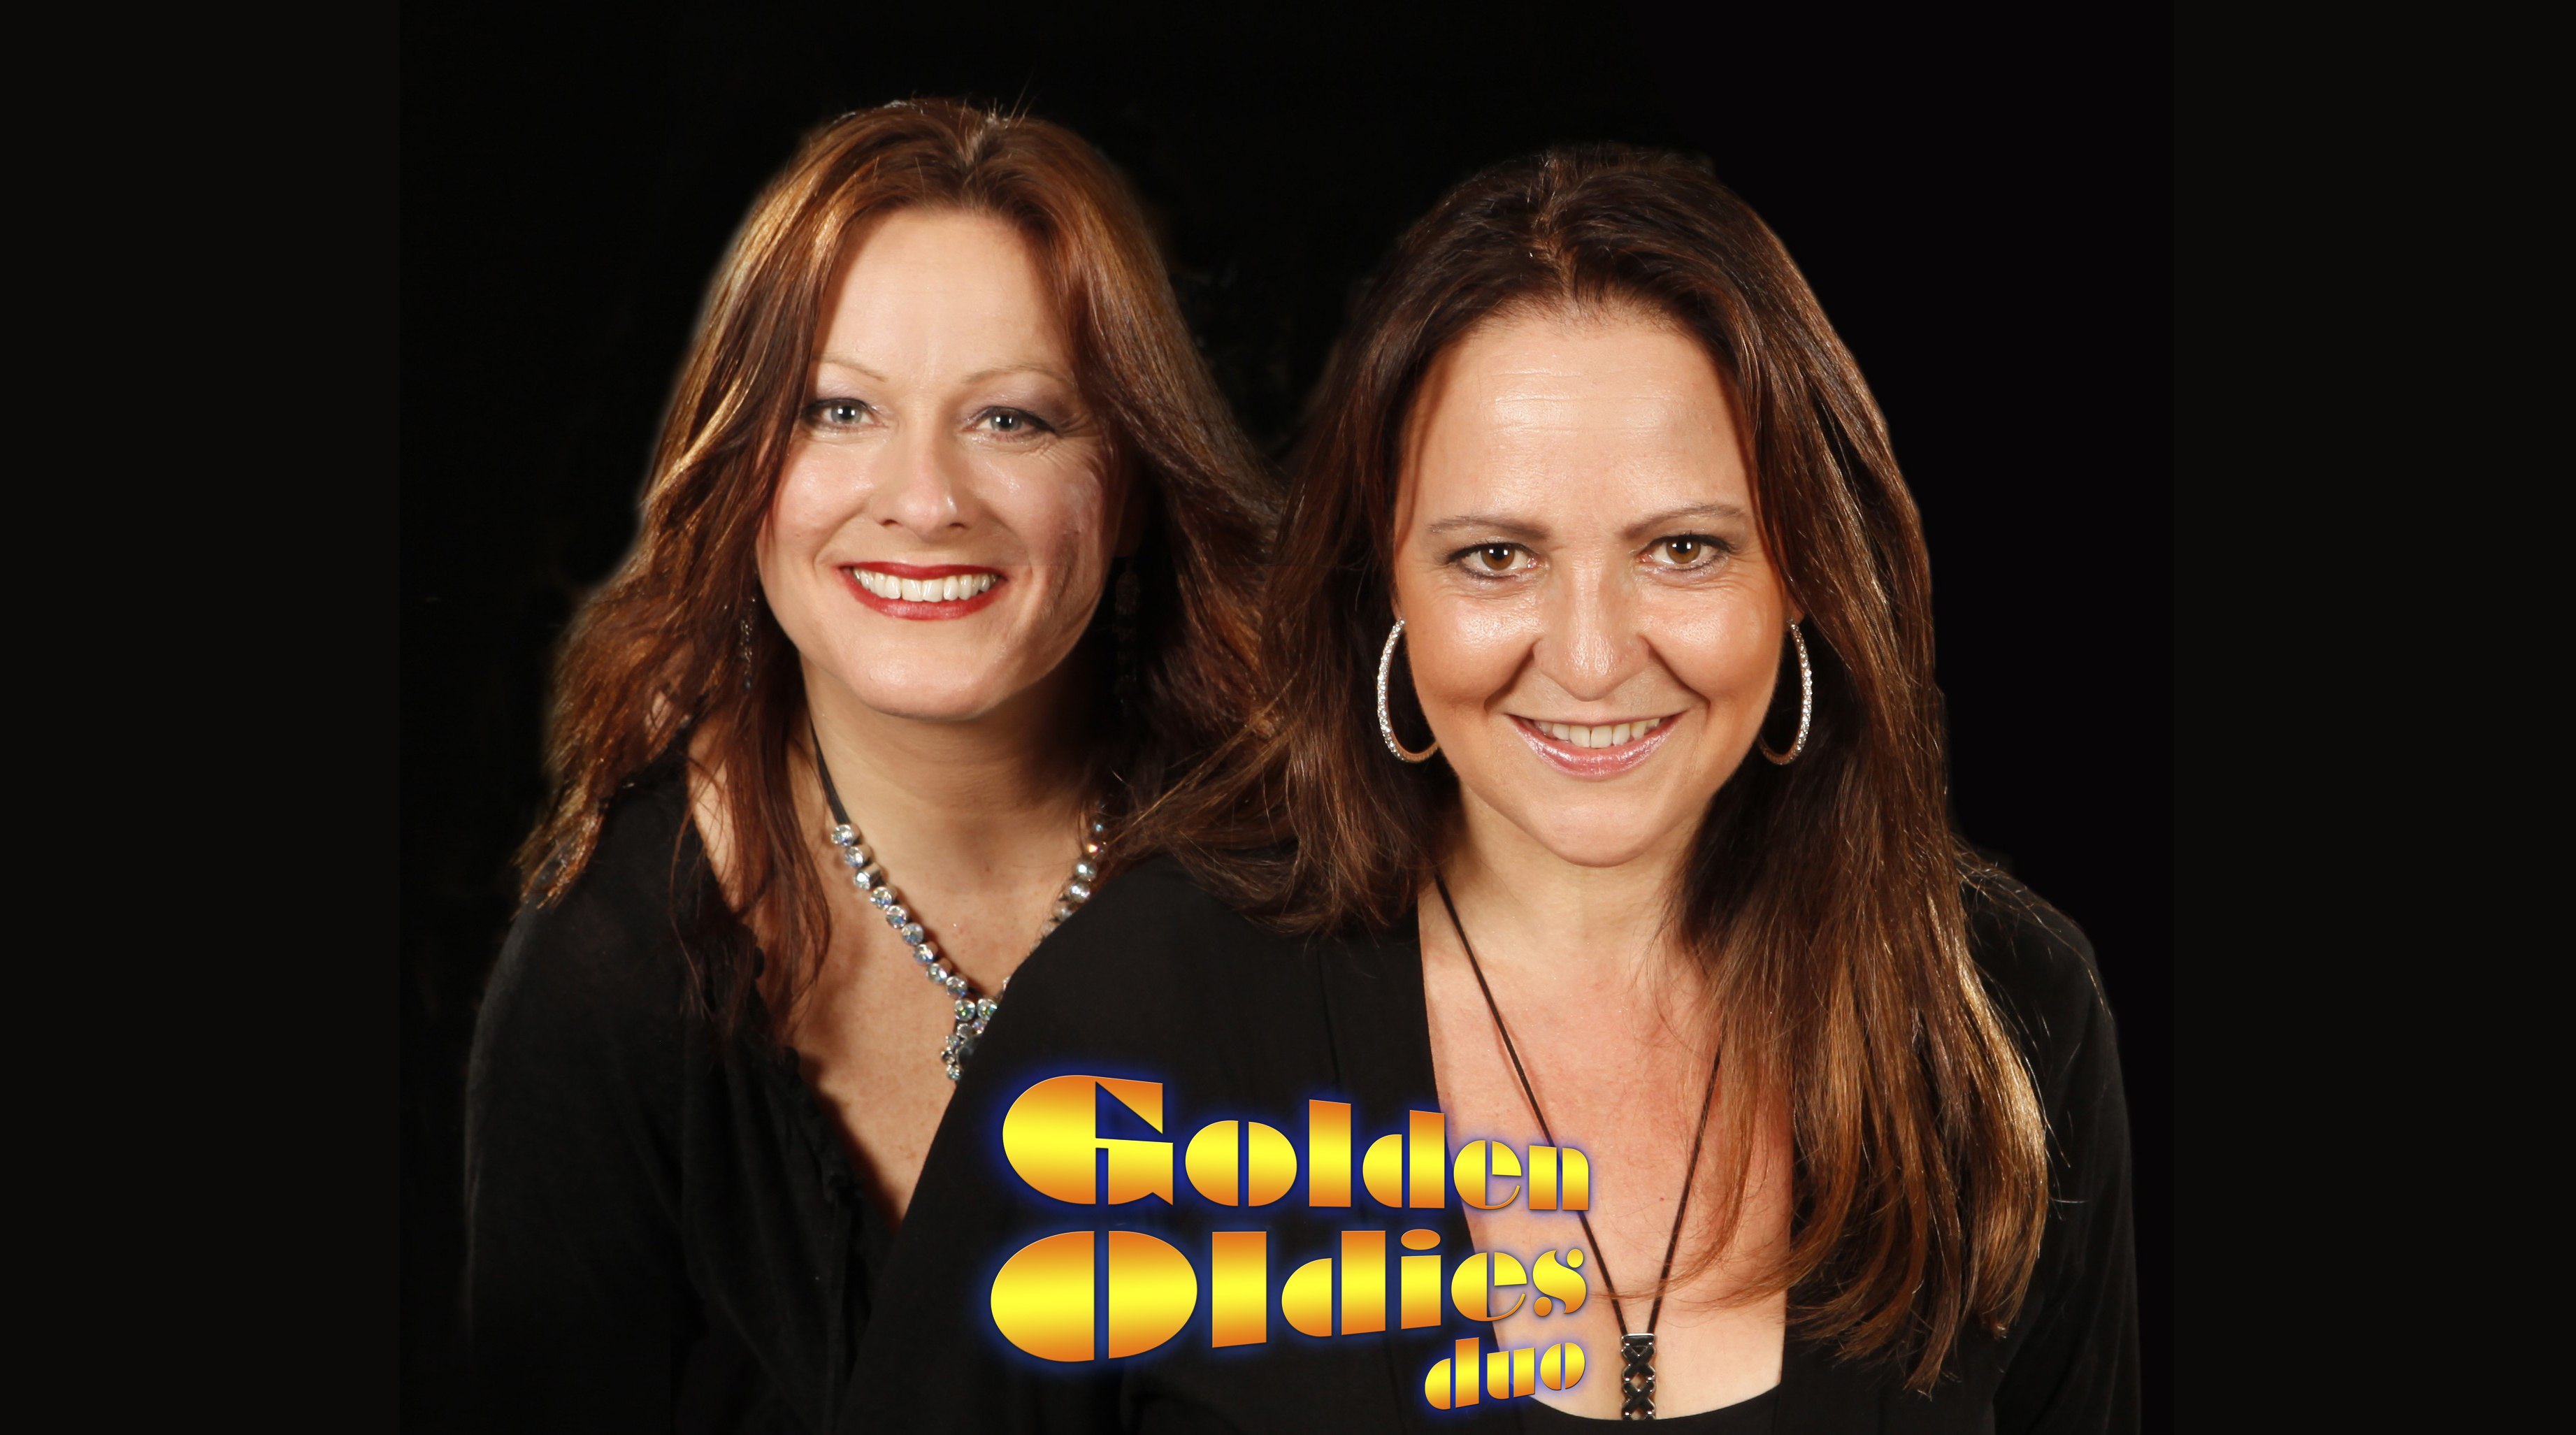 Golden Oldies Duo boeken